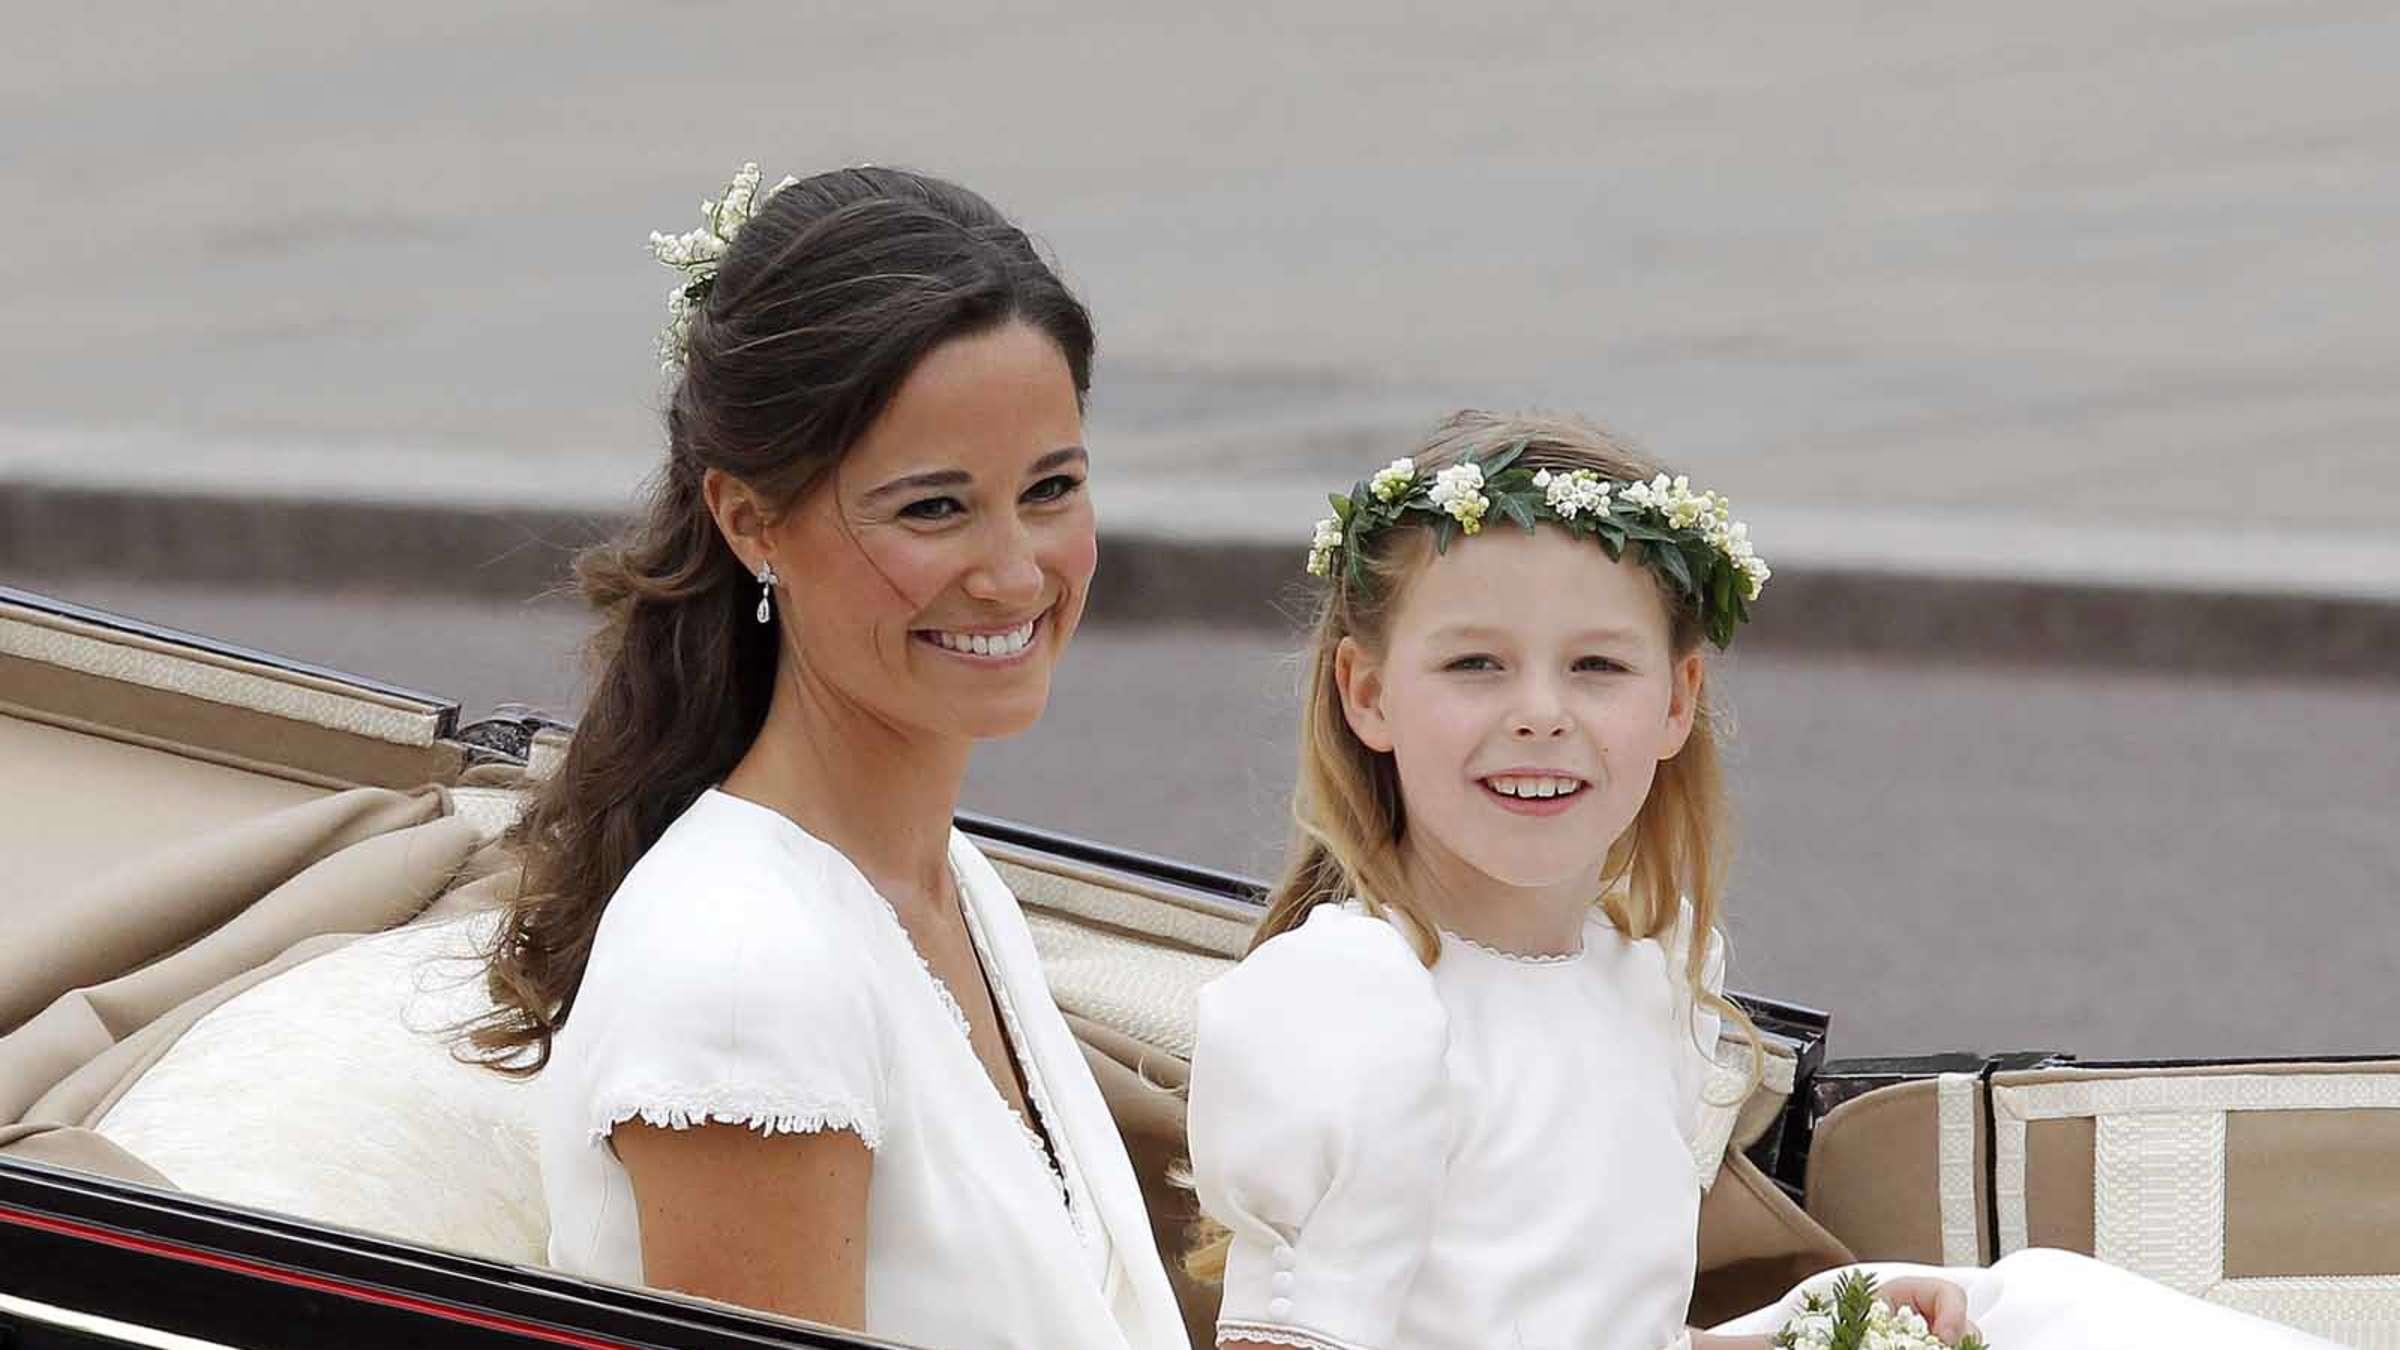 Hochzeit von Pippa Middleton: Gästeliste mit Kate, William, Harry